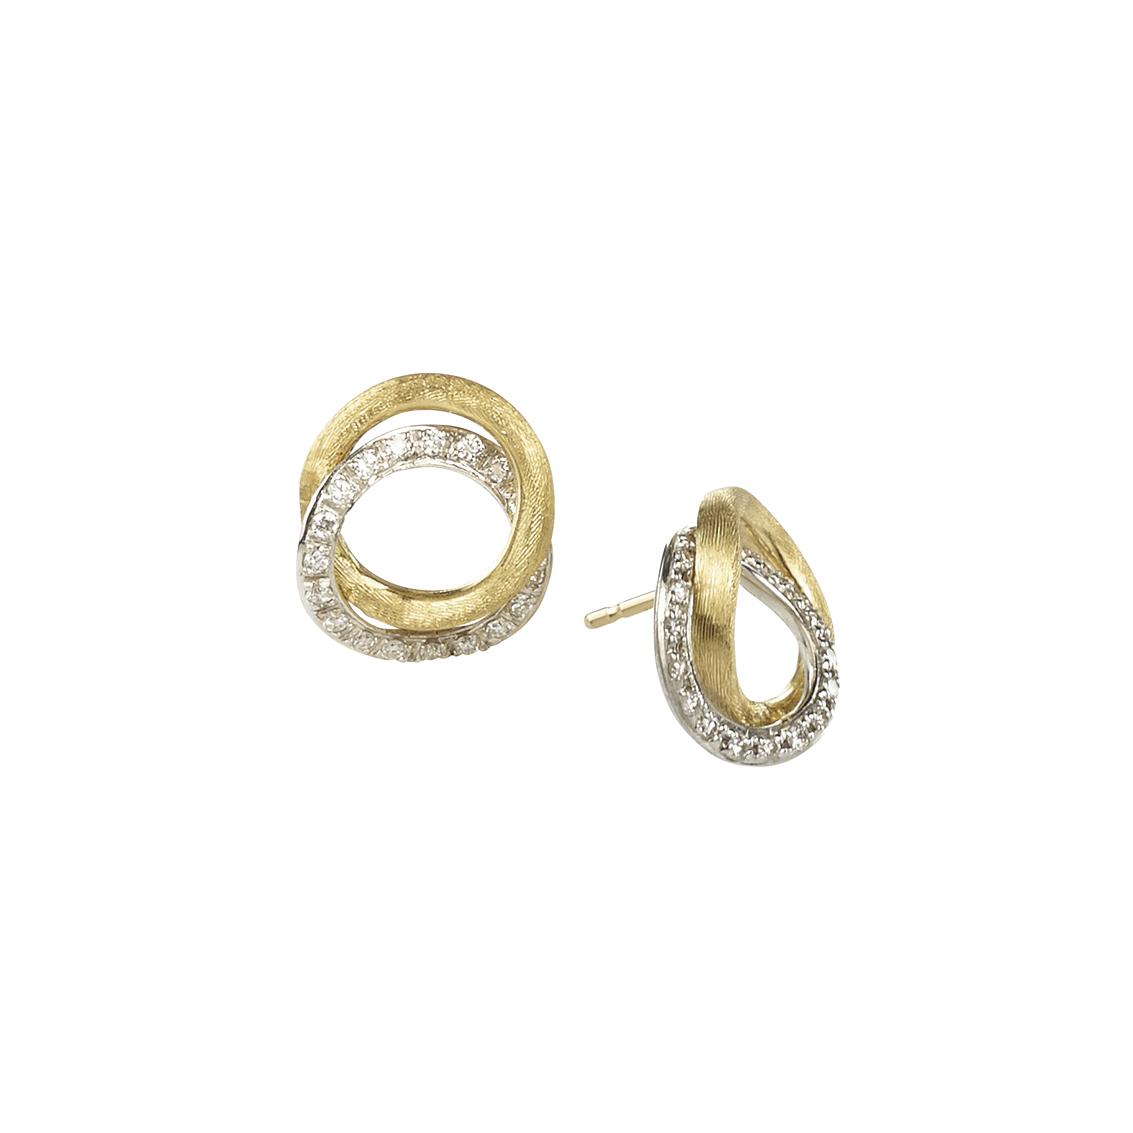 Marco Bicego Jaipur Link Earrings